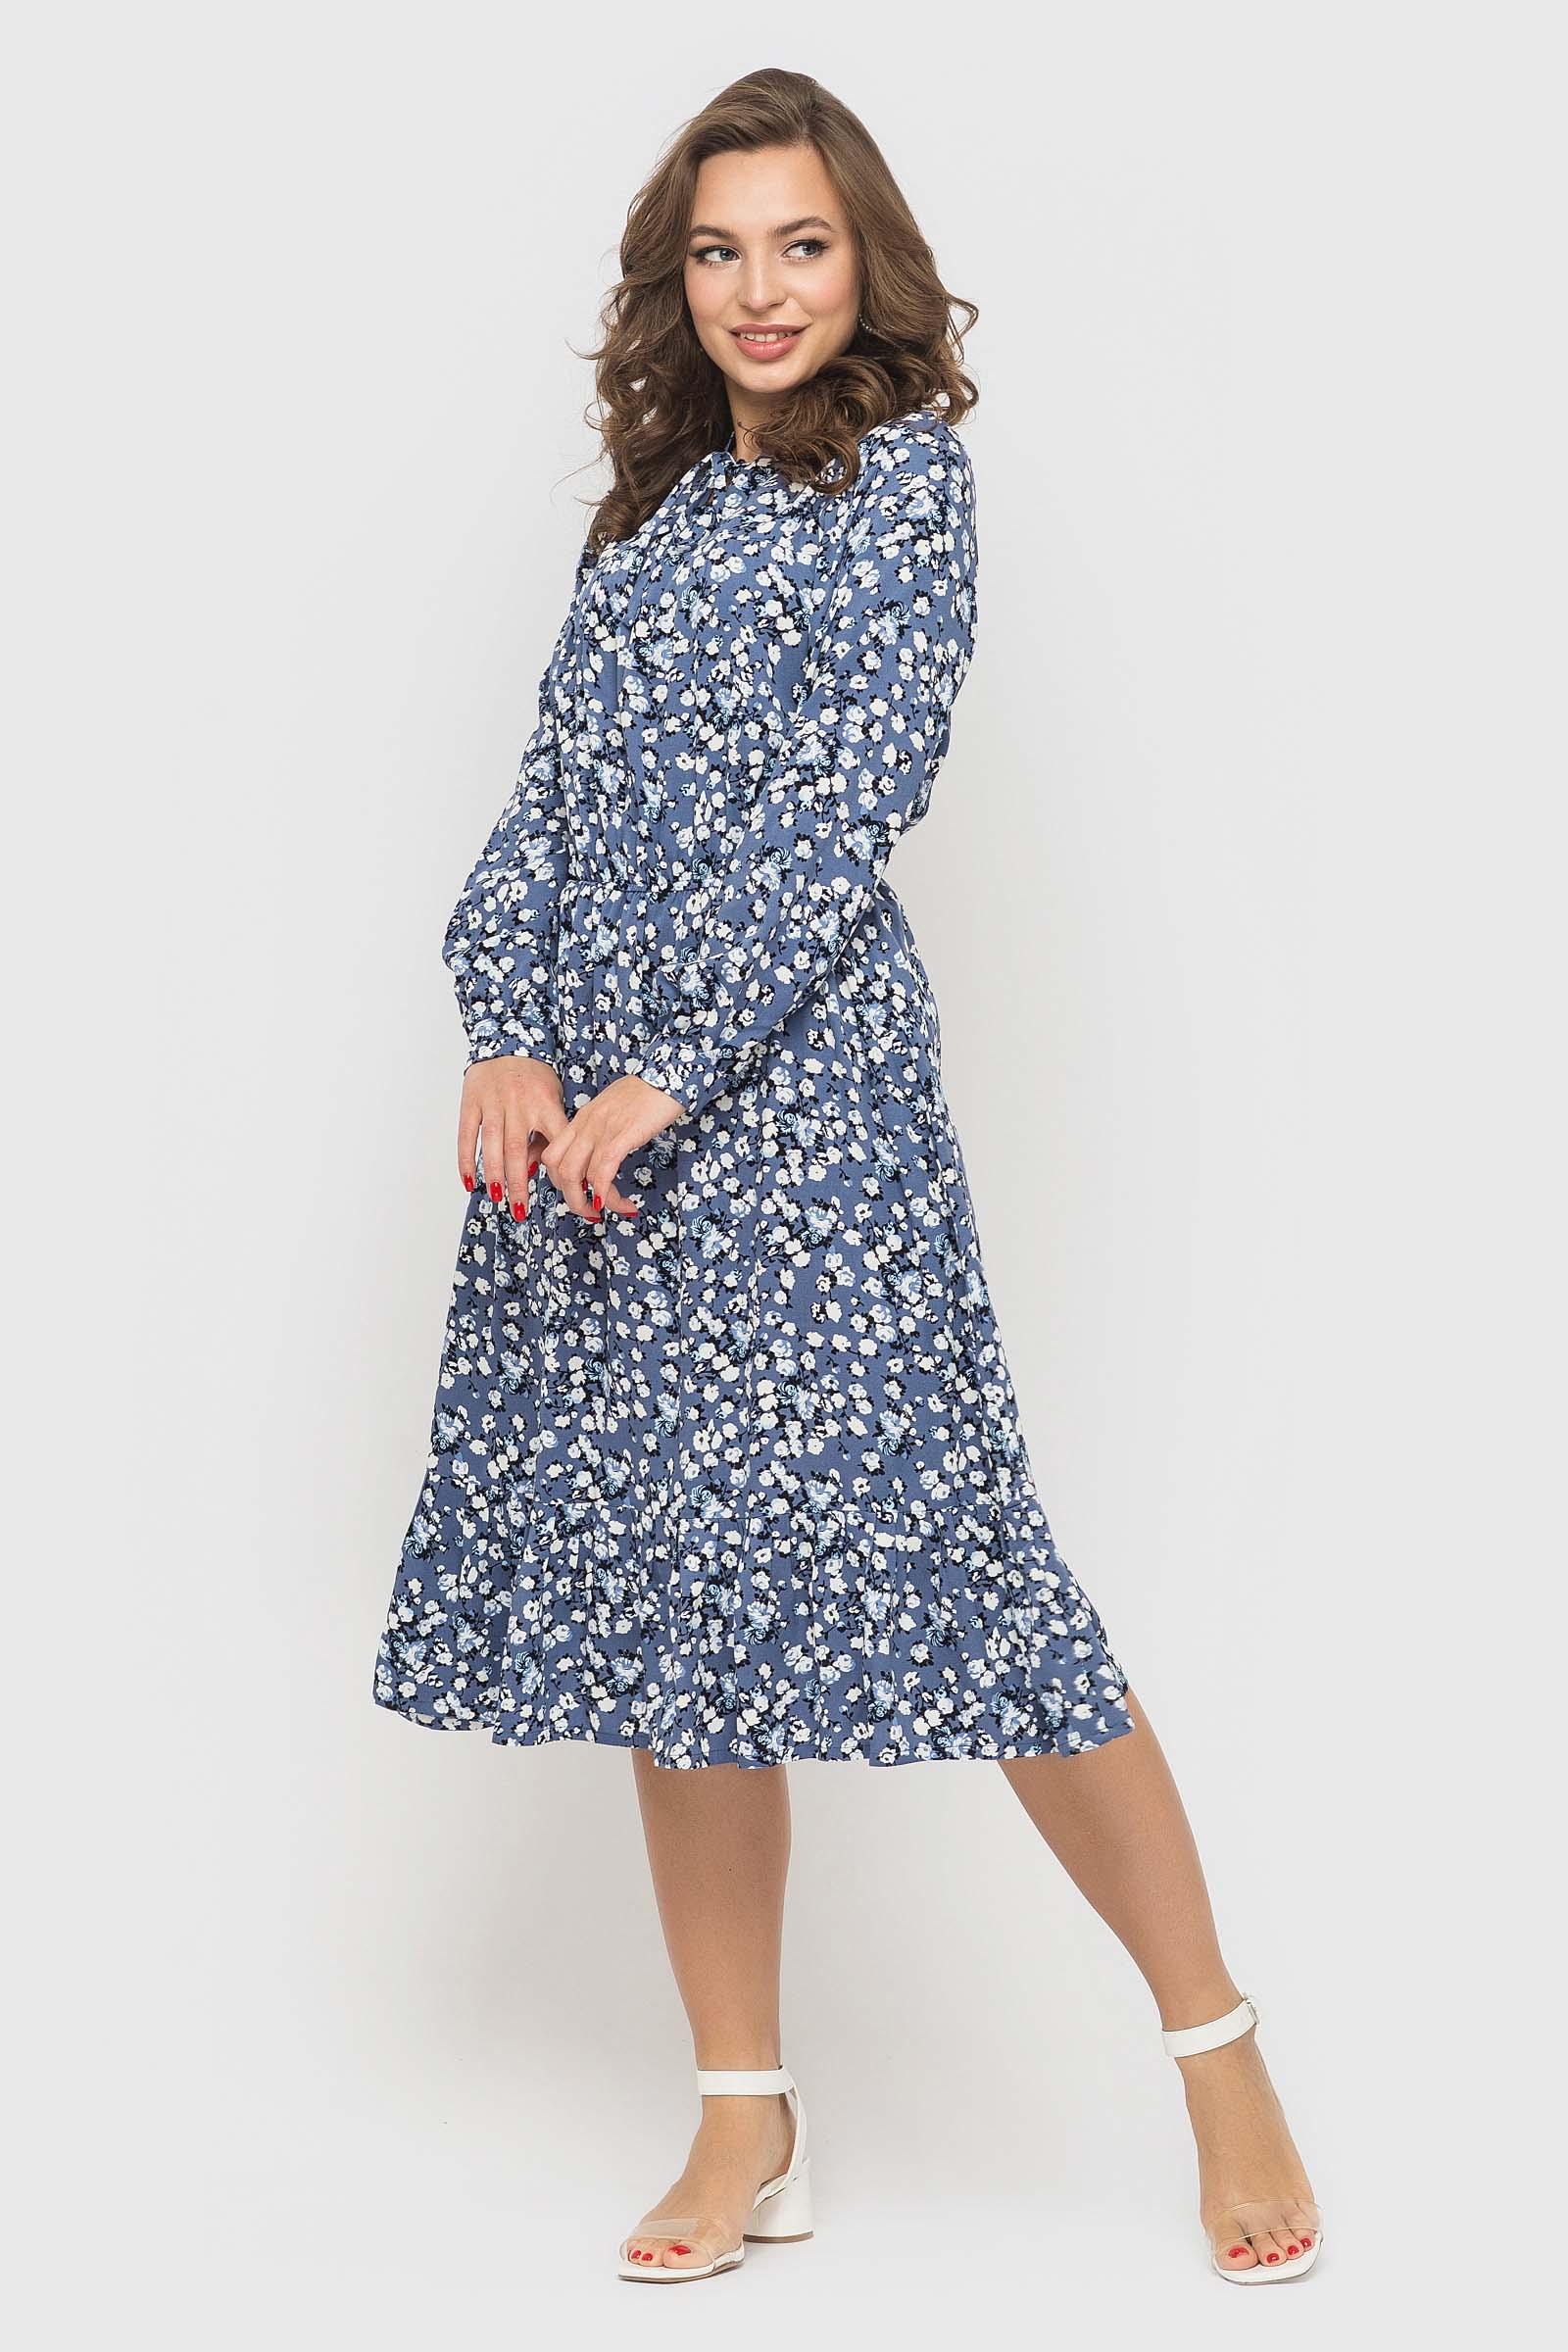 be art 2020 04 07181893 Купить платье